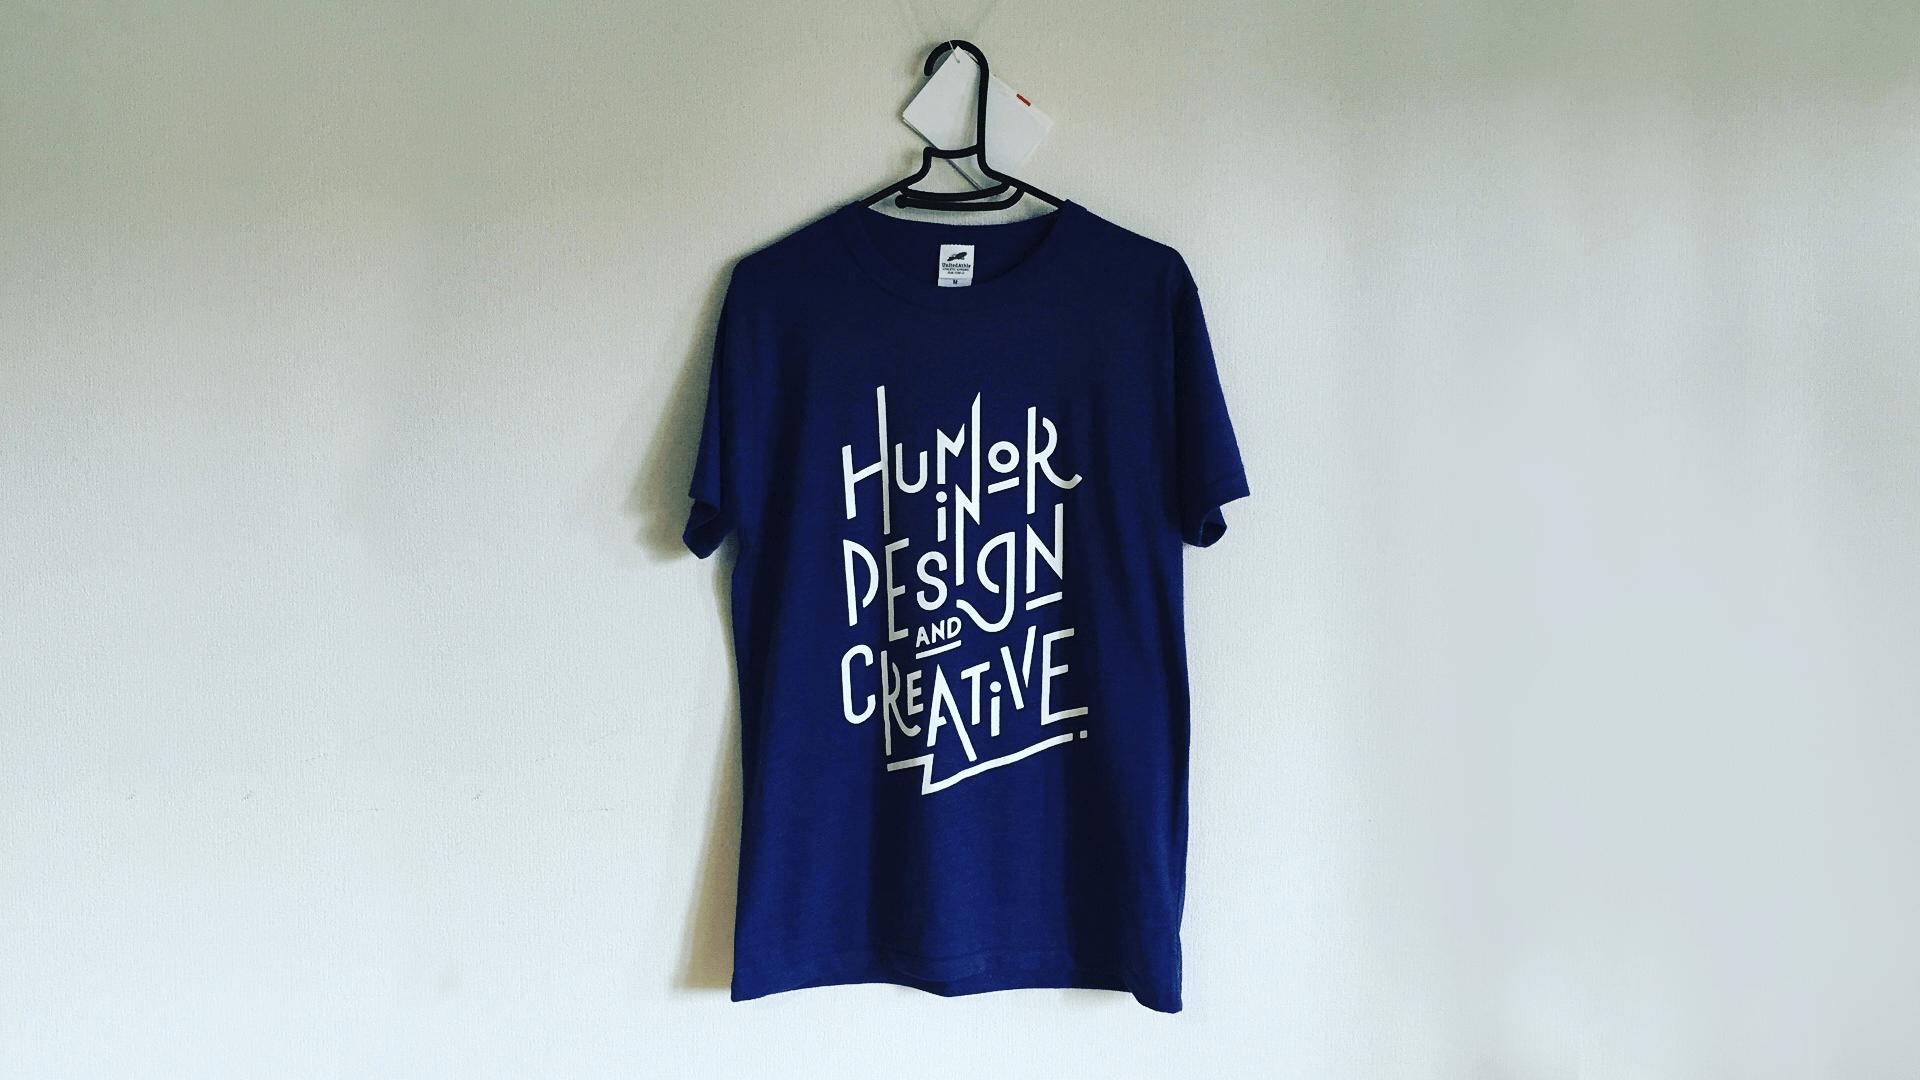 タイポグラフィをプリントしたオリジナルTシャツデザイン